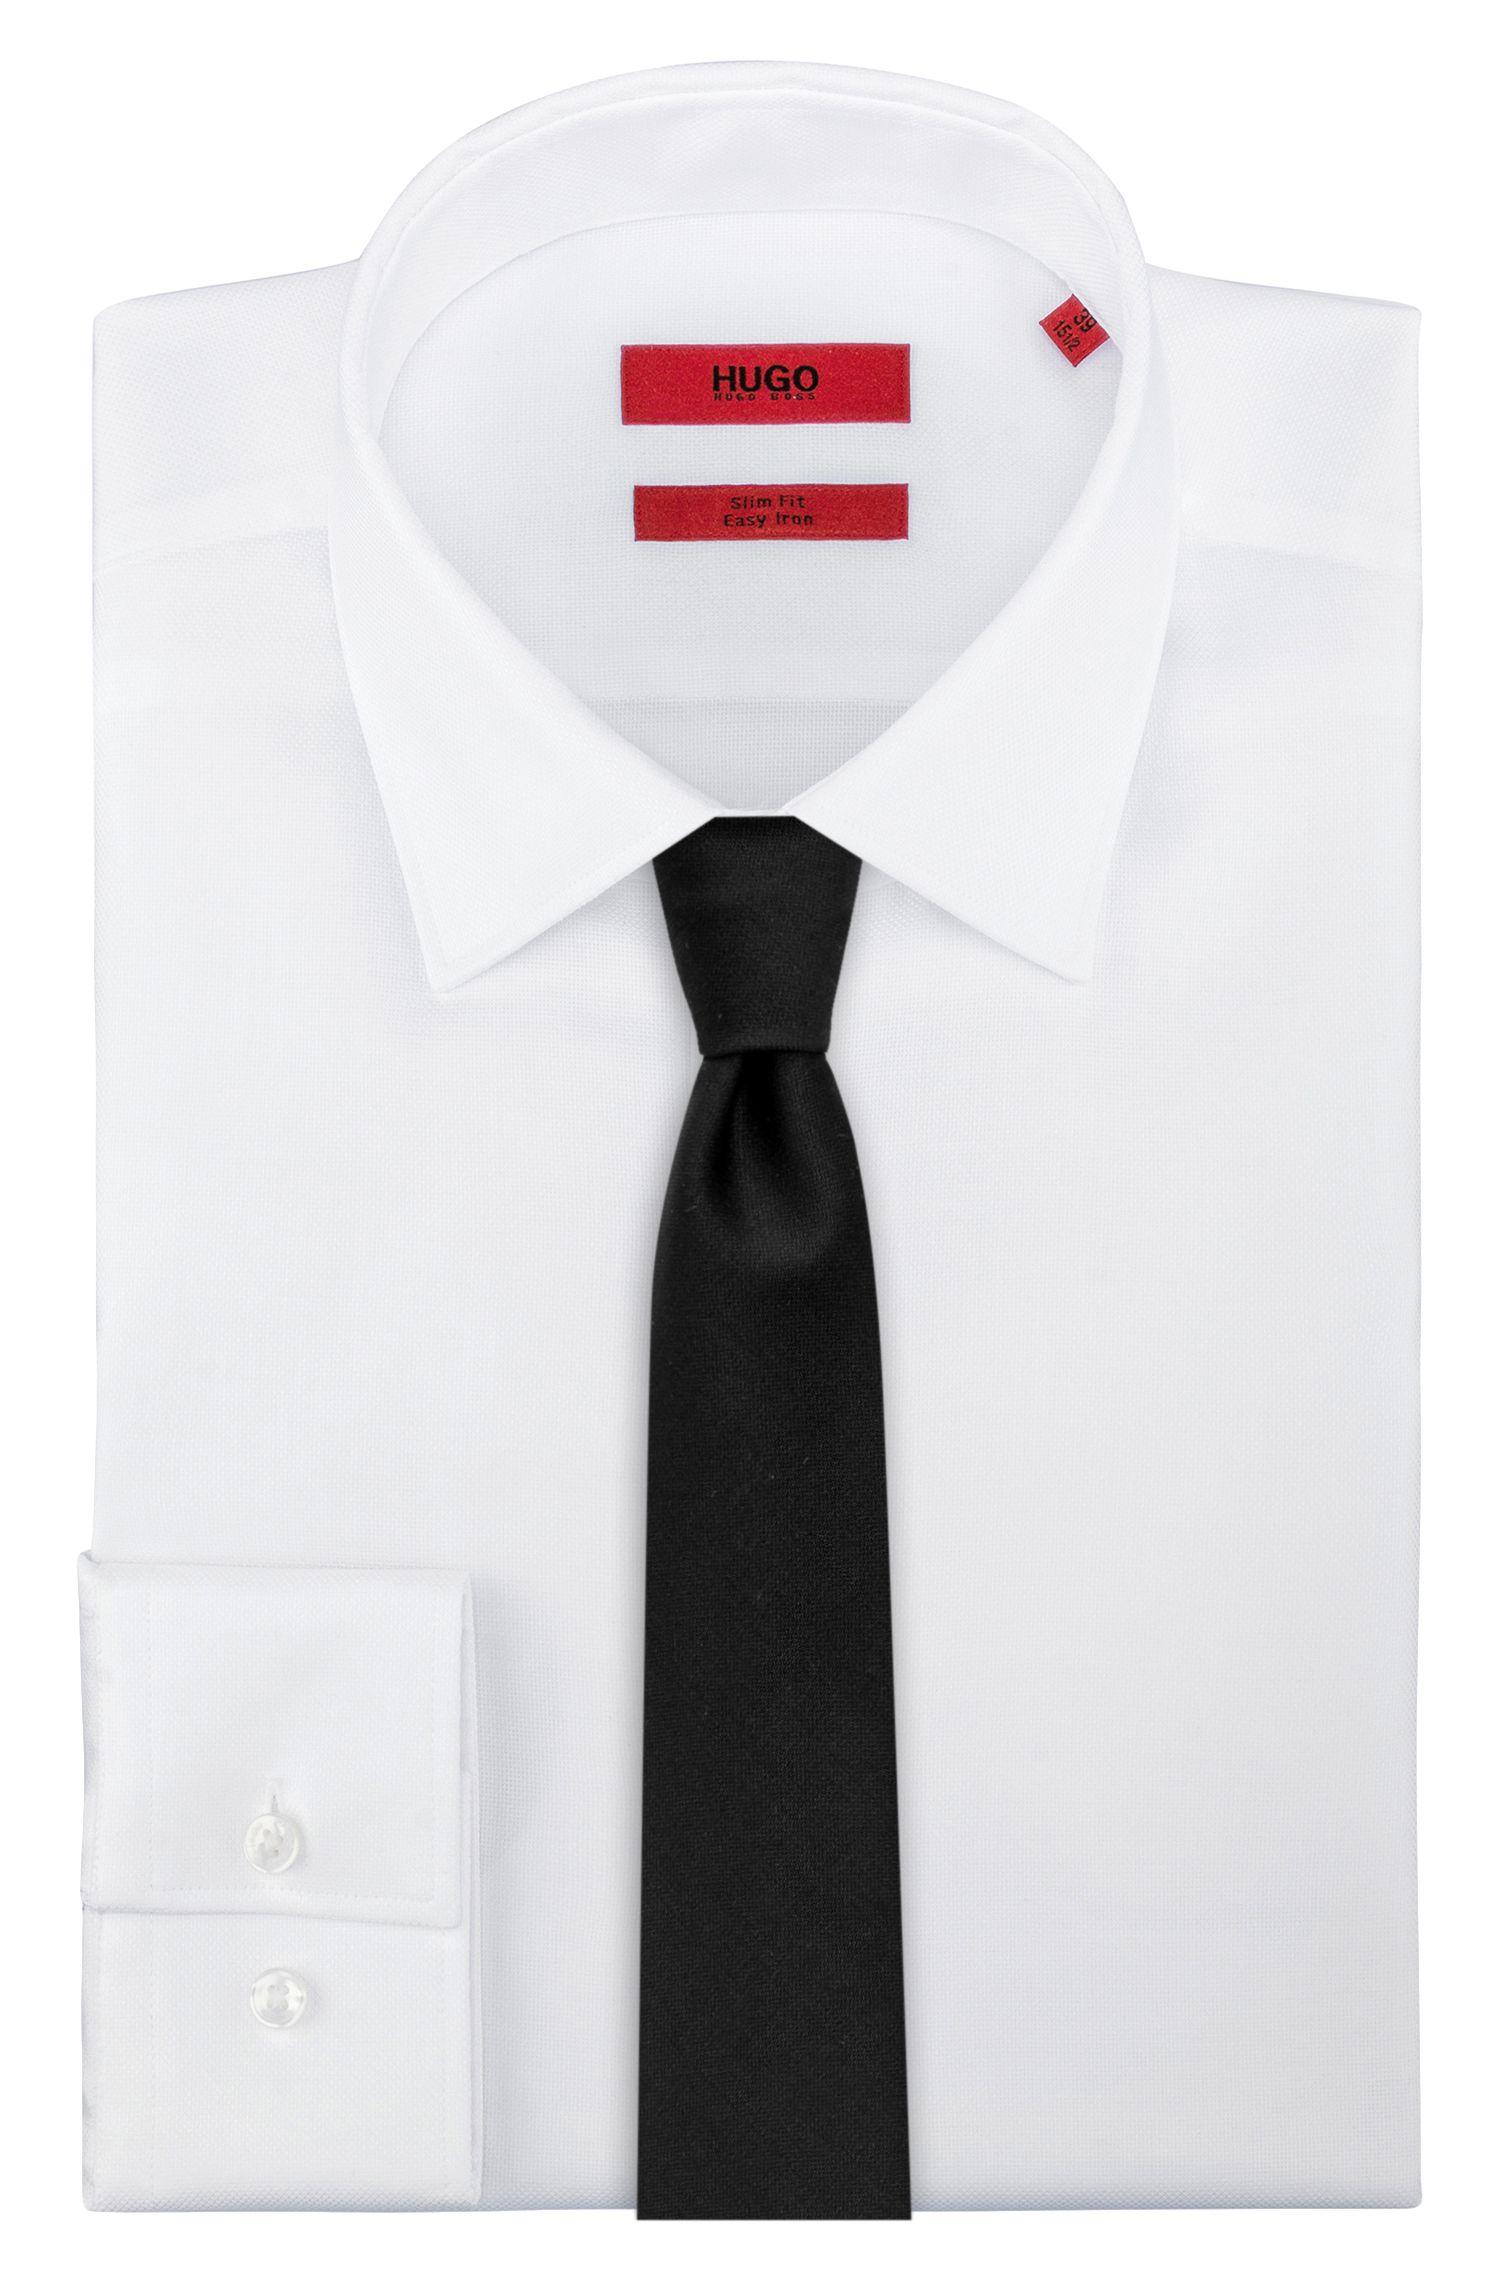 Cravatta ricamata in lana vergine